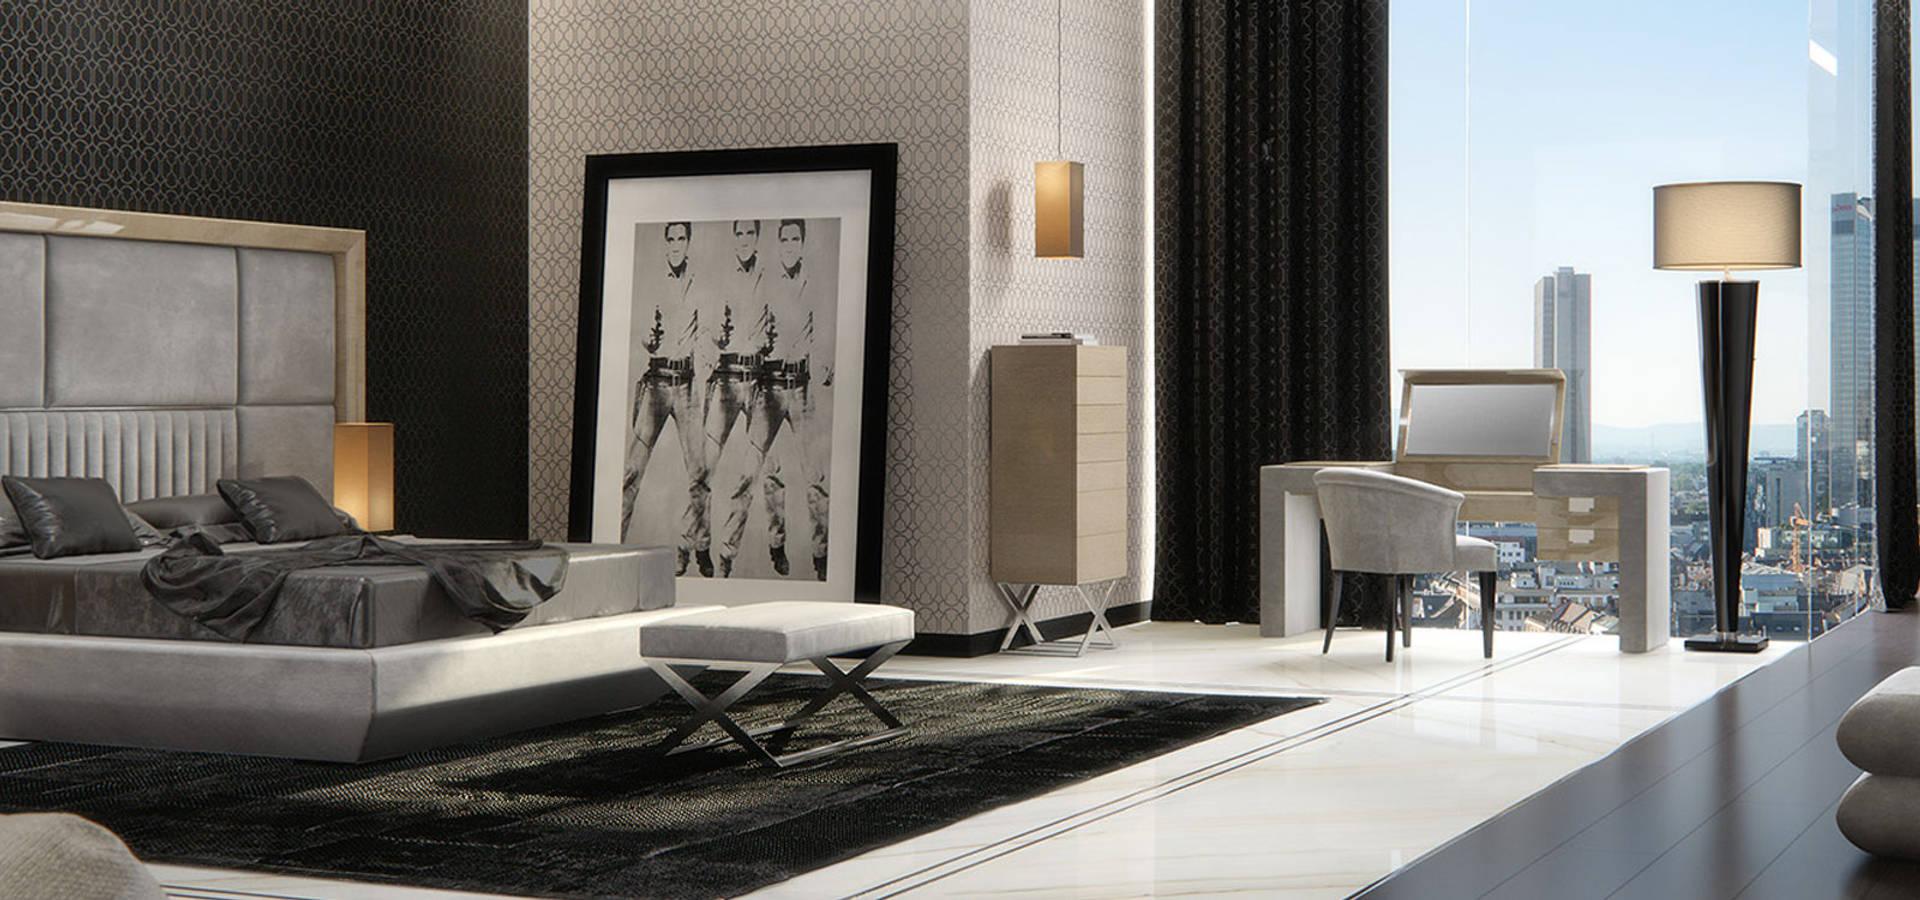 Passerini interior design consulting decoradores em for Interior decorating consultant